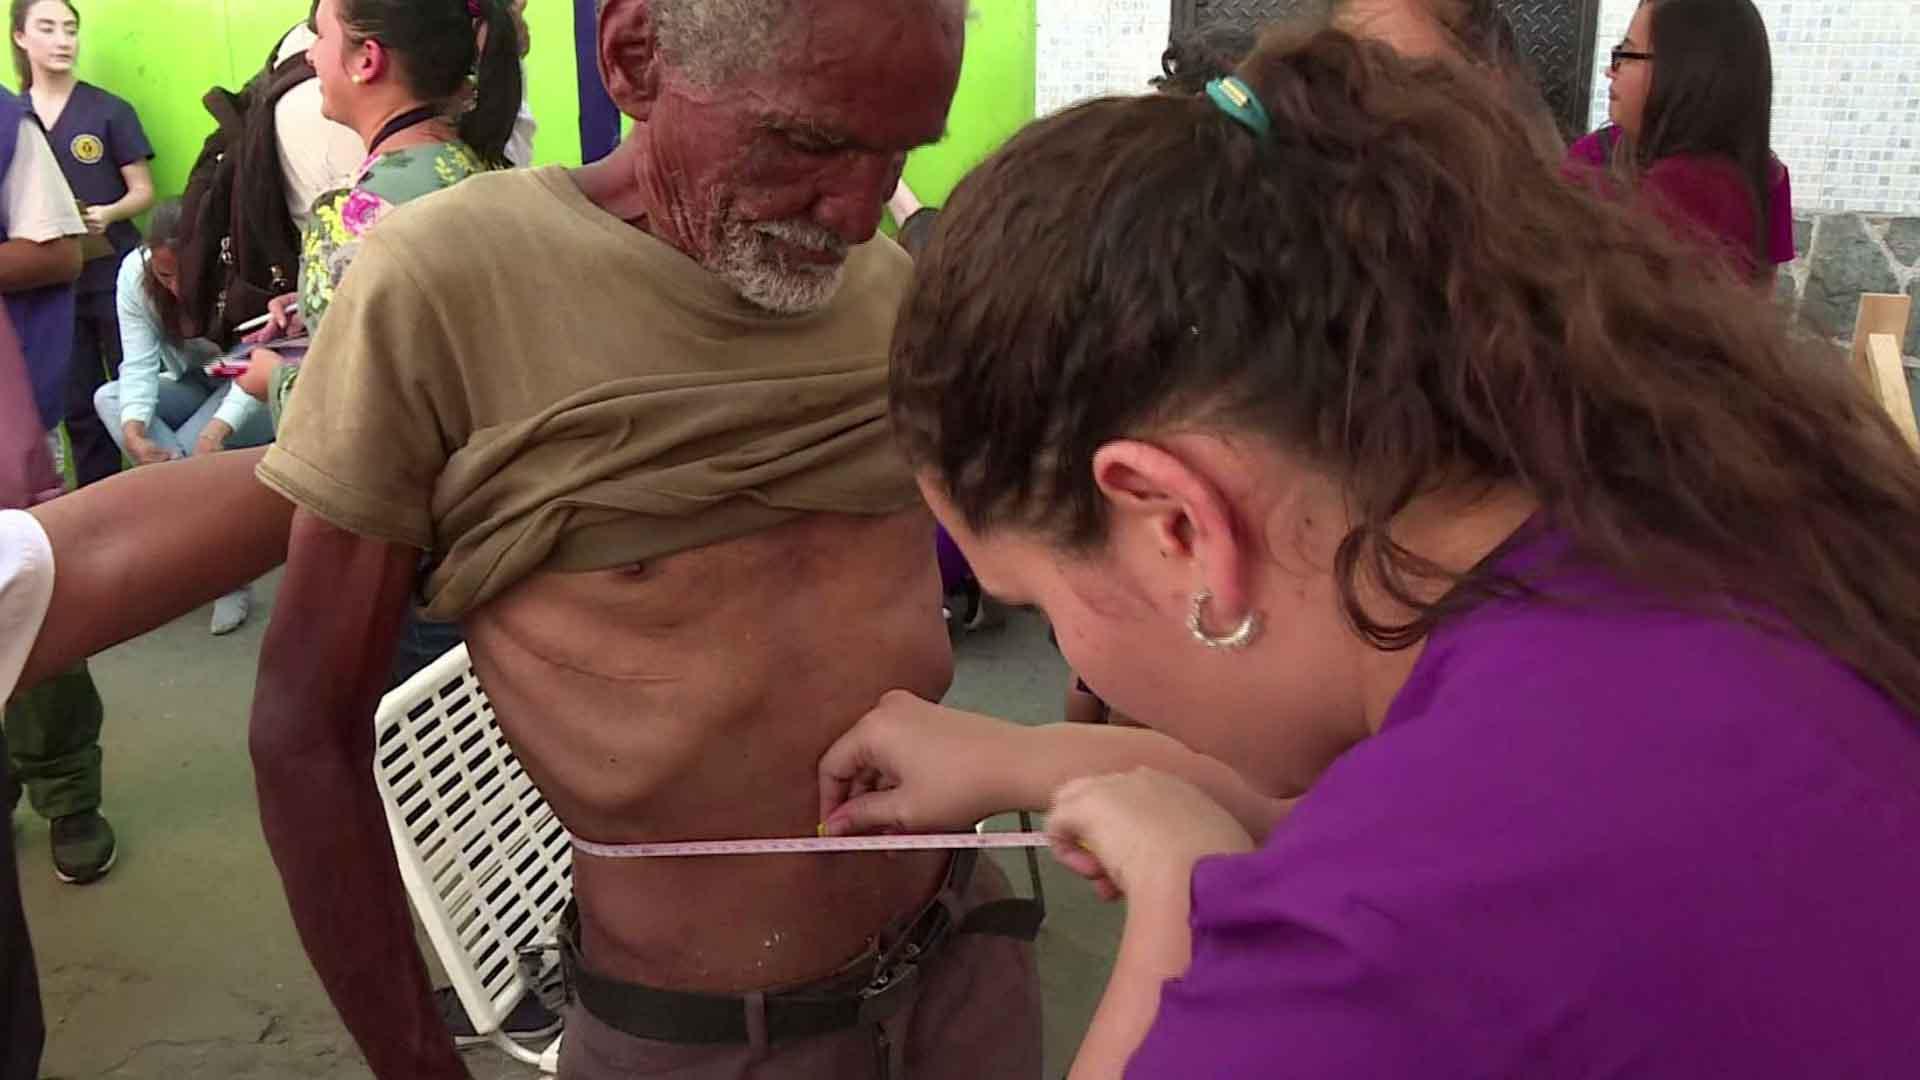 Miden a los venezolanos hambrientos mientras esperan ayuda humanitaria